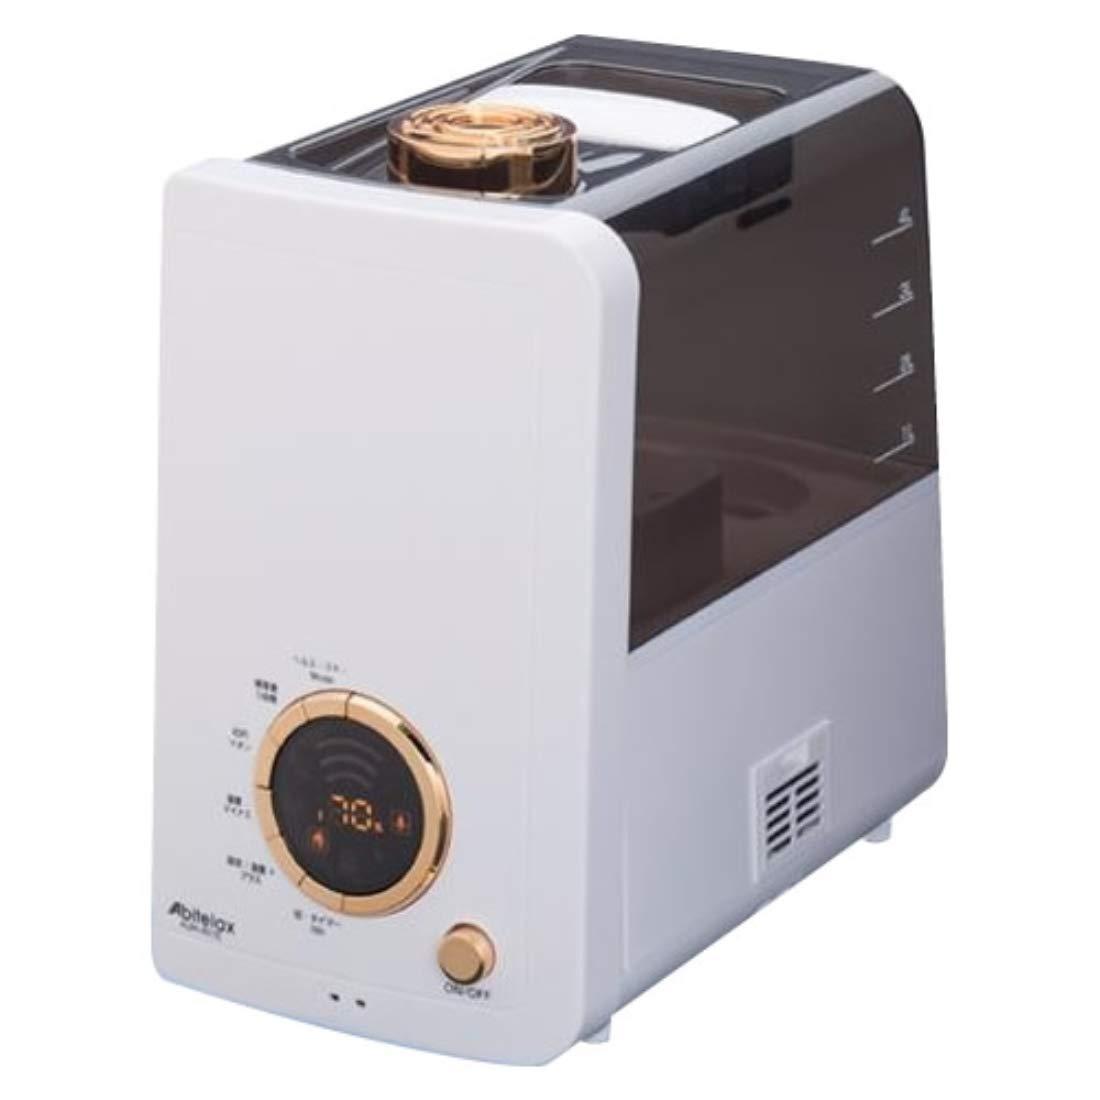 【在庫限り】 アビテラックス マイコン式超音波加湿器 AUH451E AUH451E アビテラックス B01FET3QPW, ソフマップ デジタルコレクション:e7f8ac1b --- ciadaterra.com